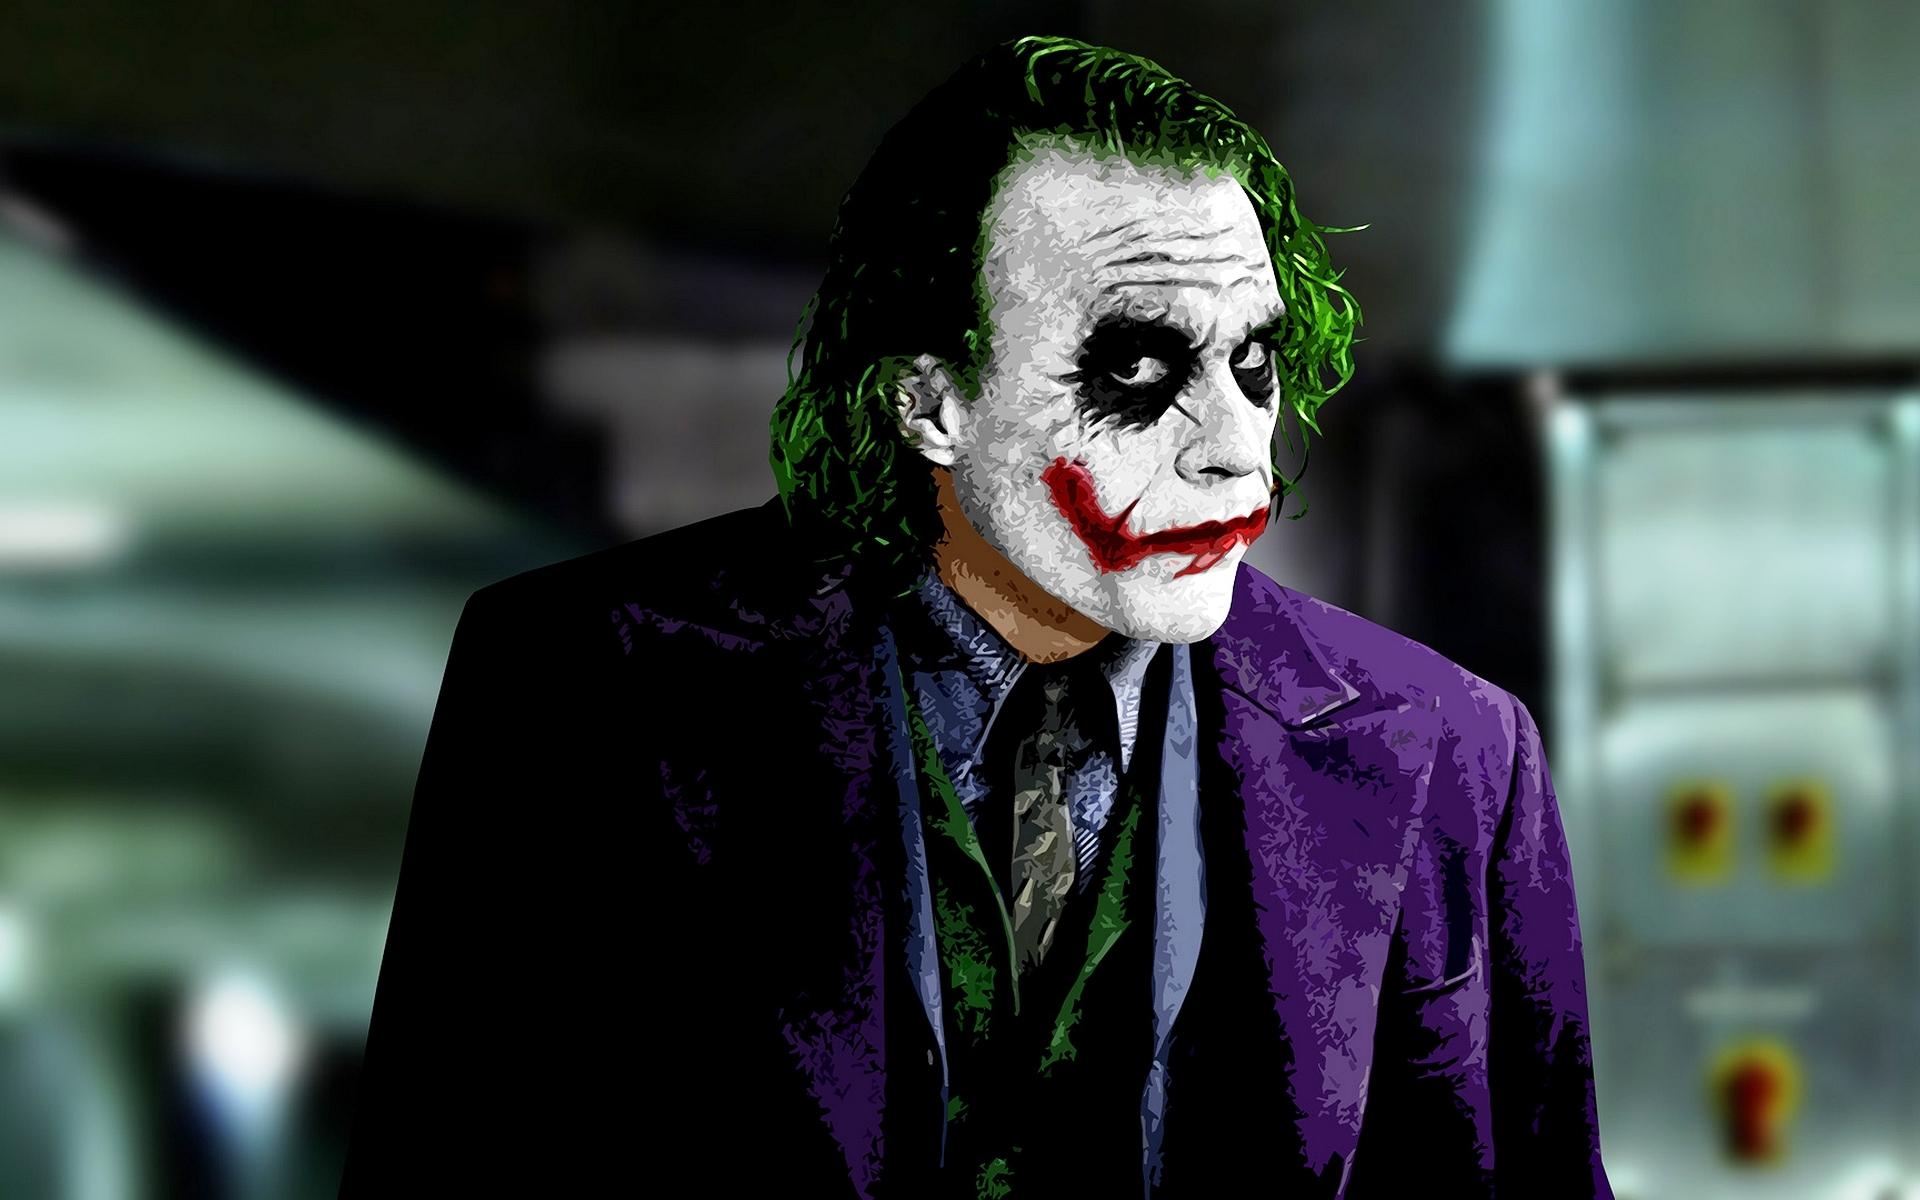 Wallpaper download joker - The Joker Widescreen Wallpaper 1920x1200